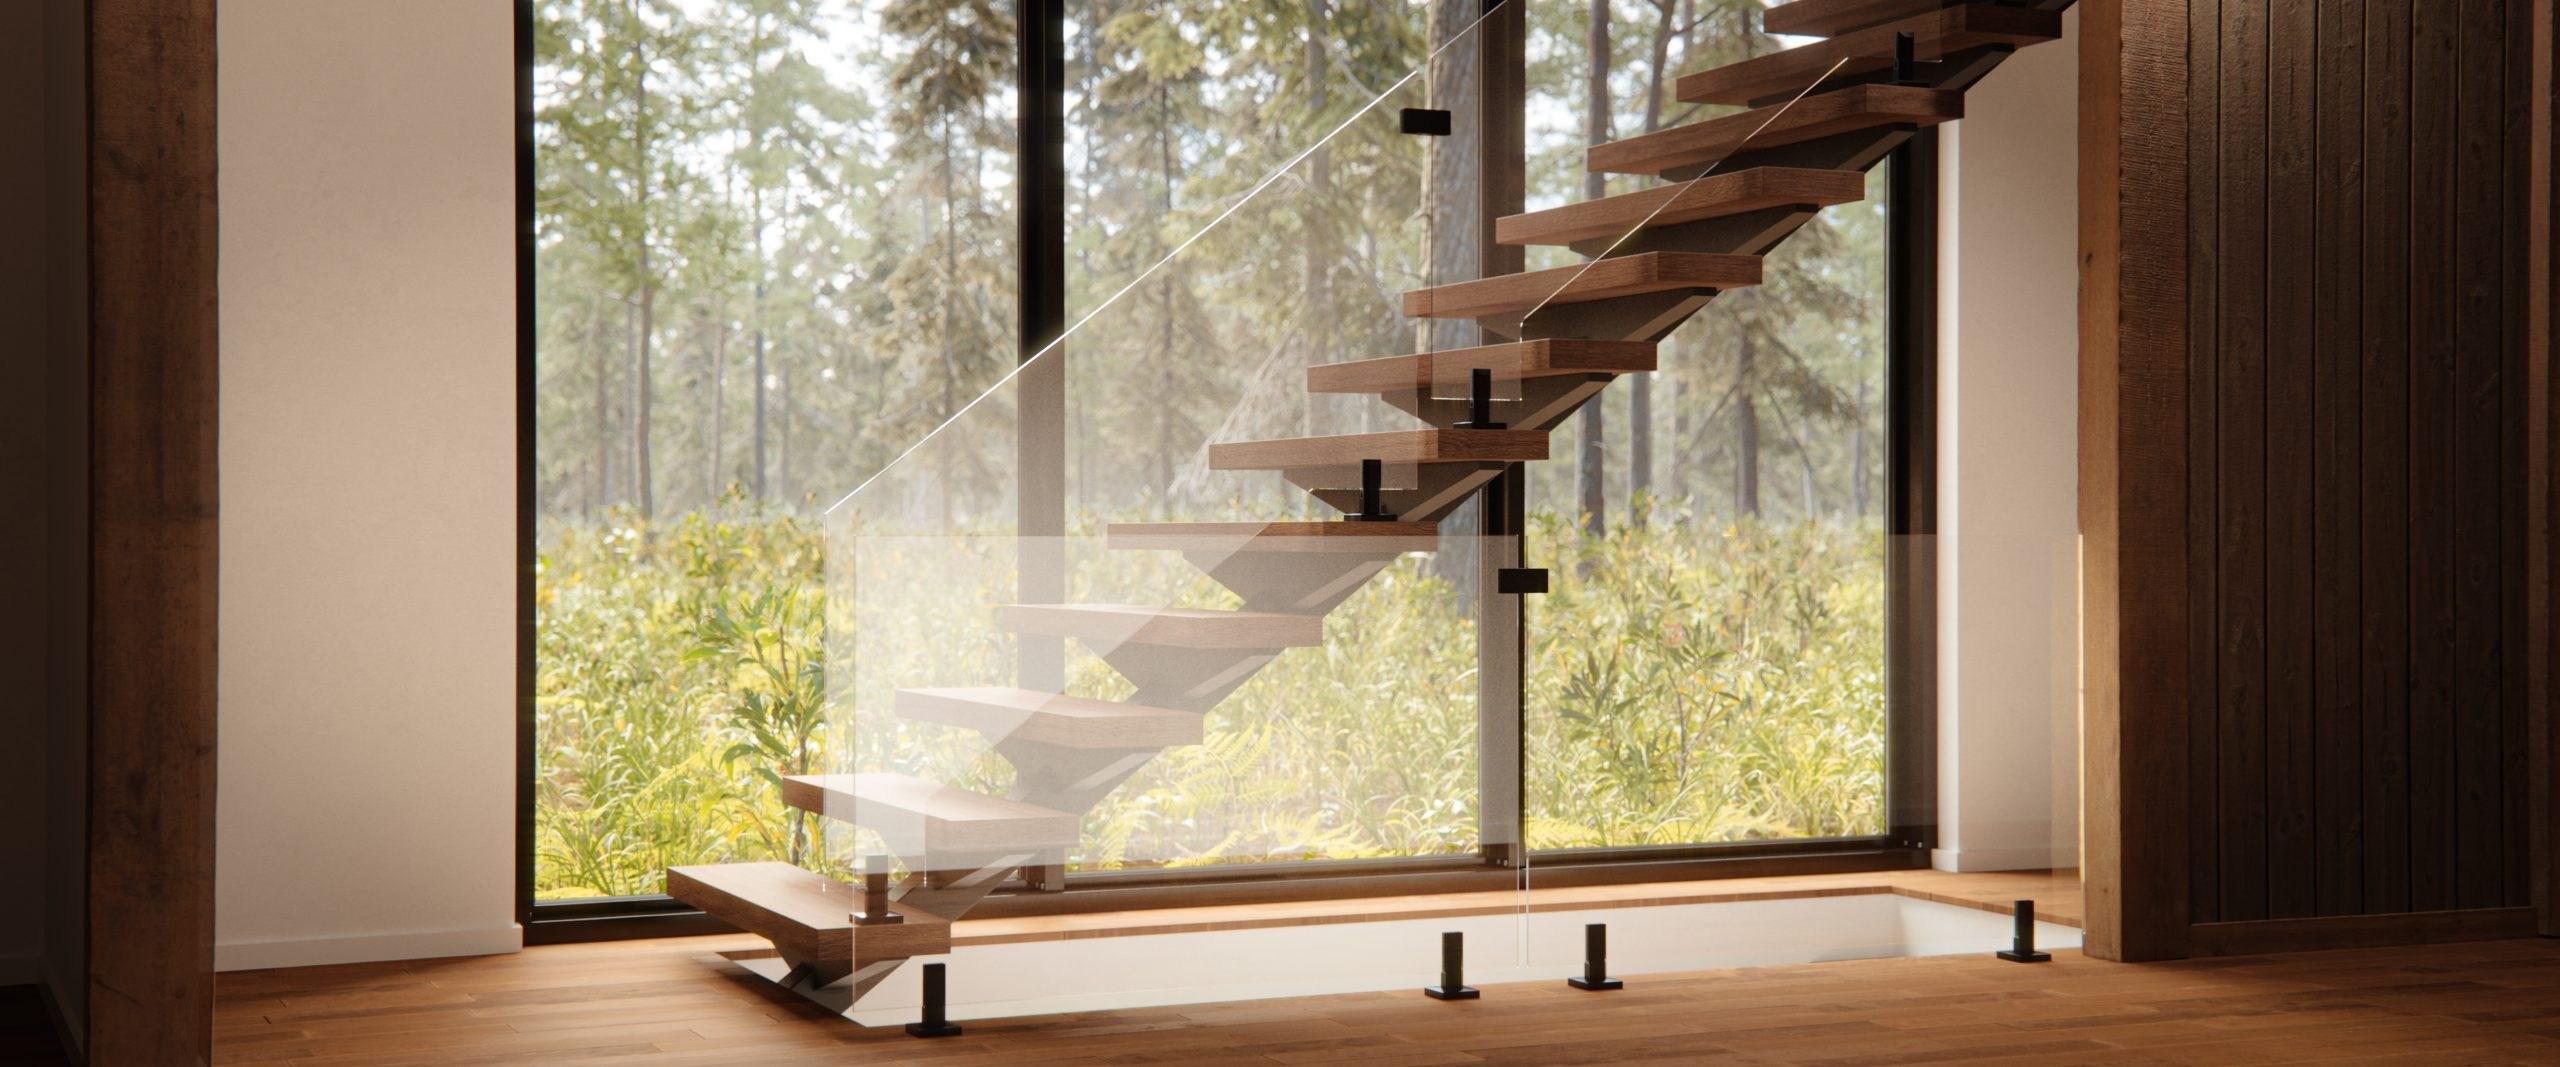 Interior Frameless Glass Railing System Glassupply | Frameless Glass Stair Railing | Metal | Seamless Glass | Handrail | Framed Glass | Office